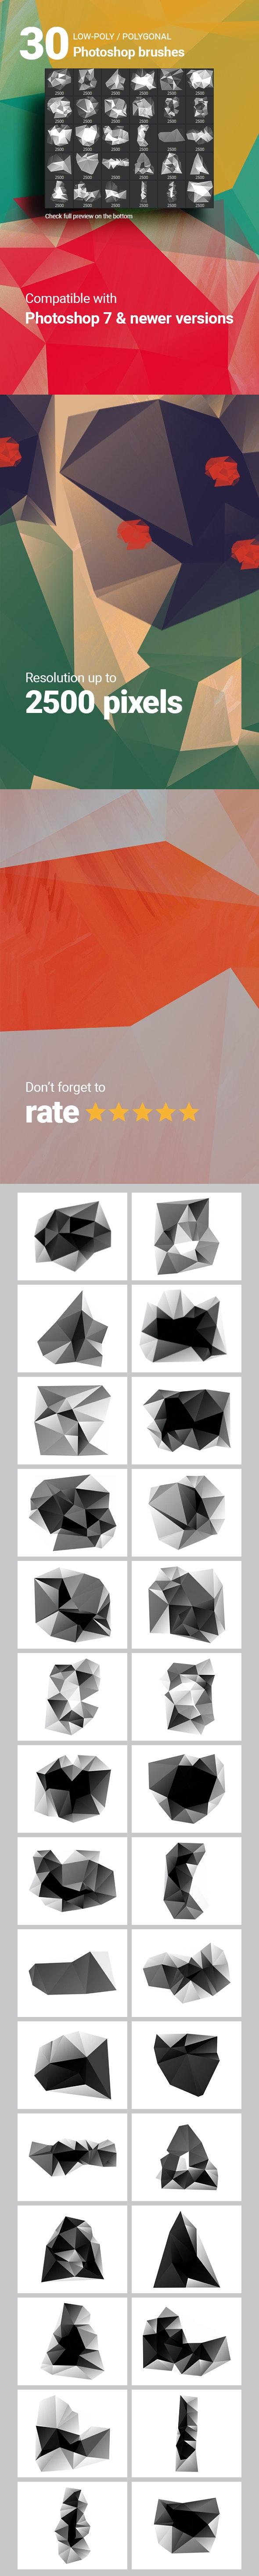 30 Low-Poly / Polygonal / Geometrical Photoshop Brushes #6 - Brushes Photoshop